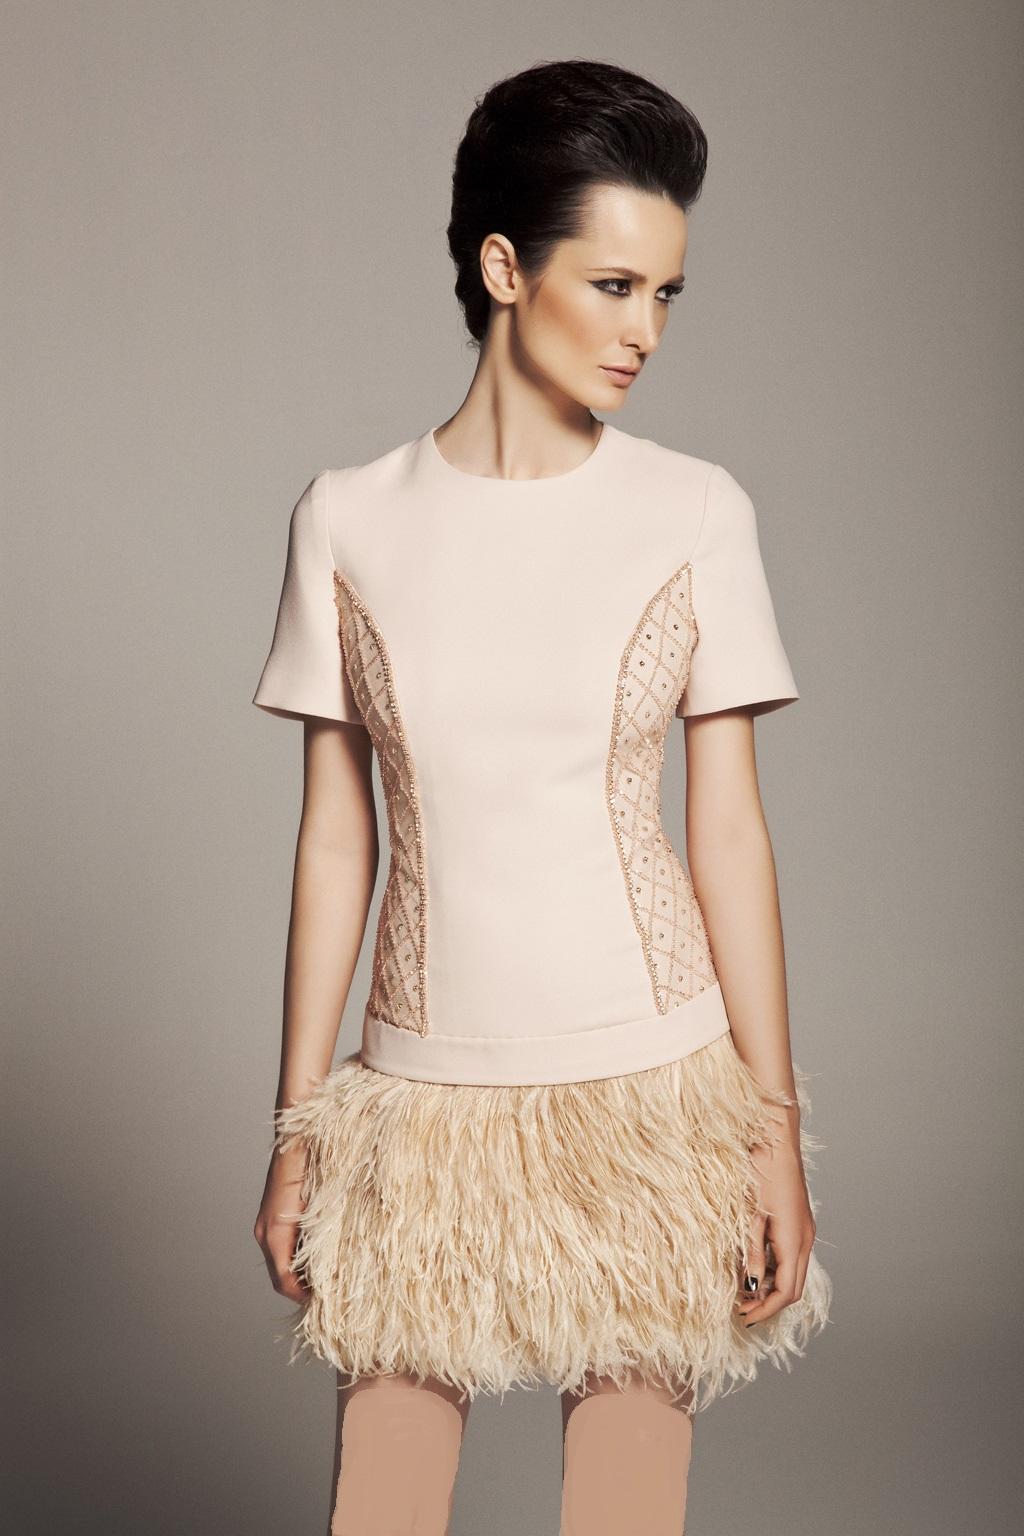 جدیدترین مدل لباس مجلسی 2015 شیک